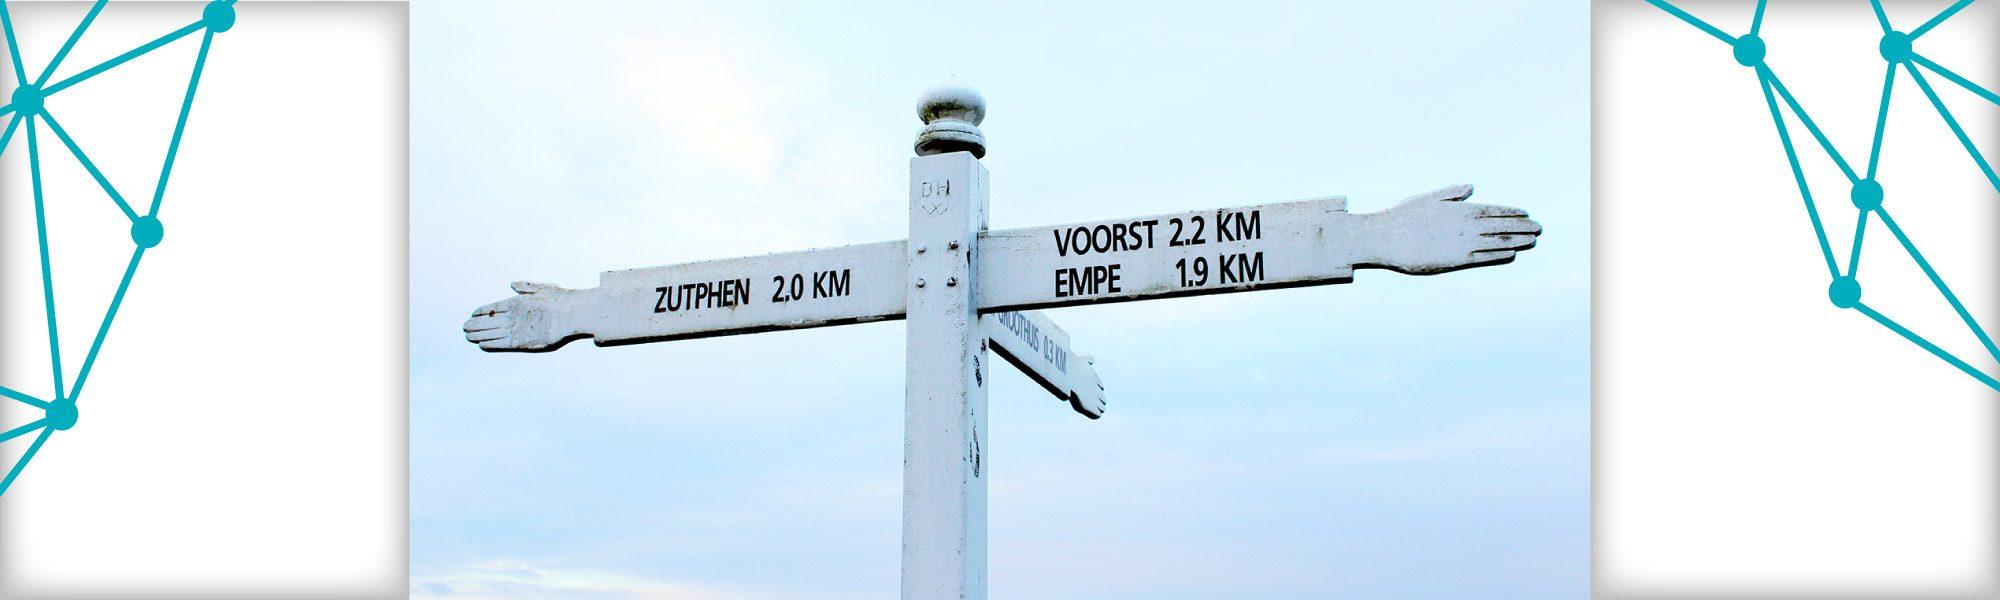 Vakmensen netwerk Zutphen